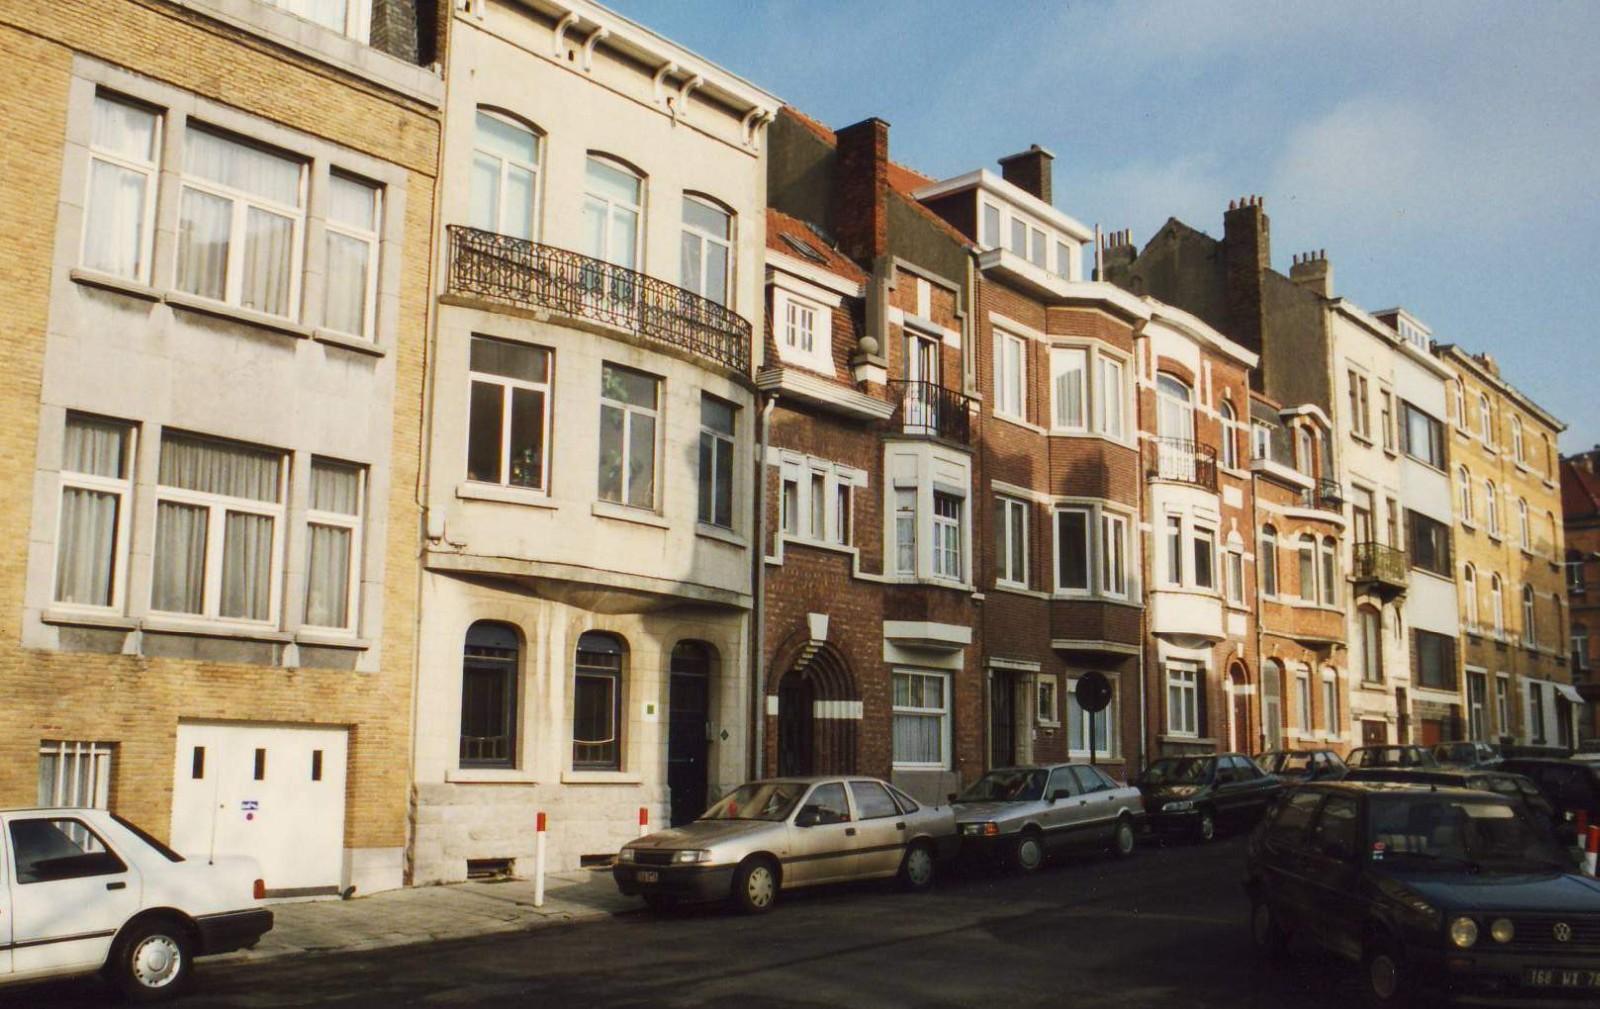 Rue Charles Legrelle, enfilade côté pair au début de la rue., 1994